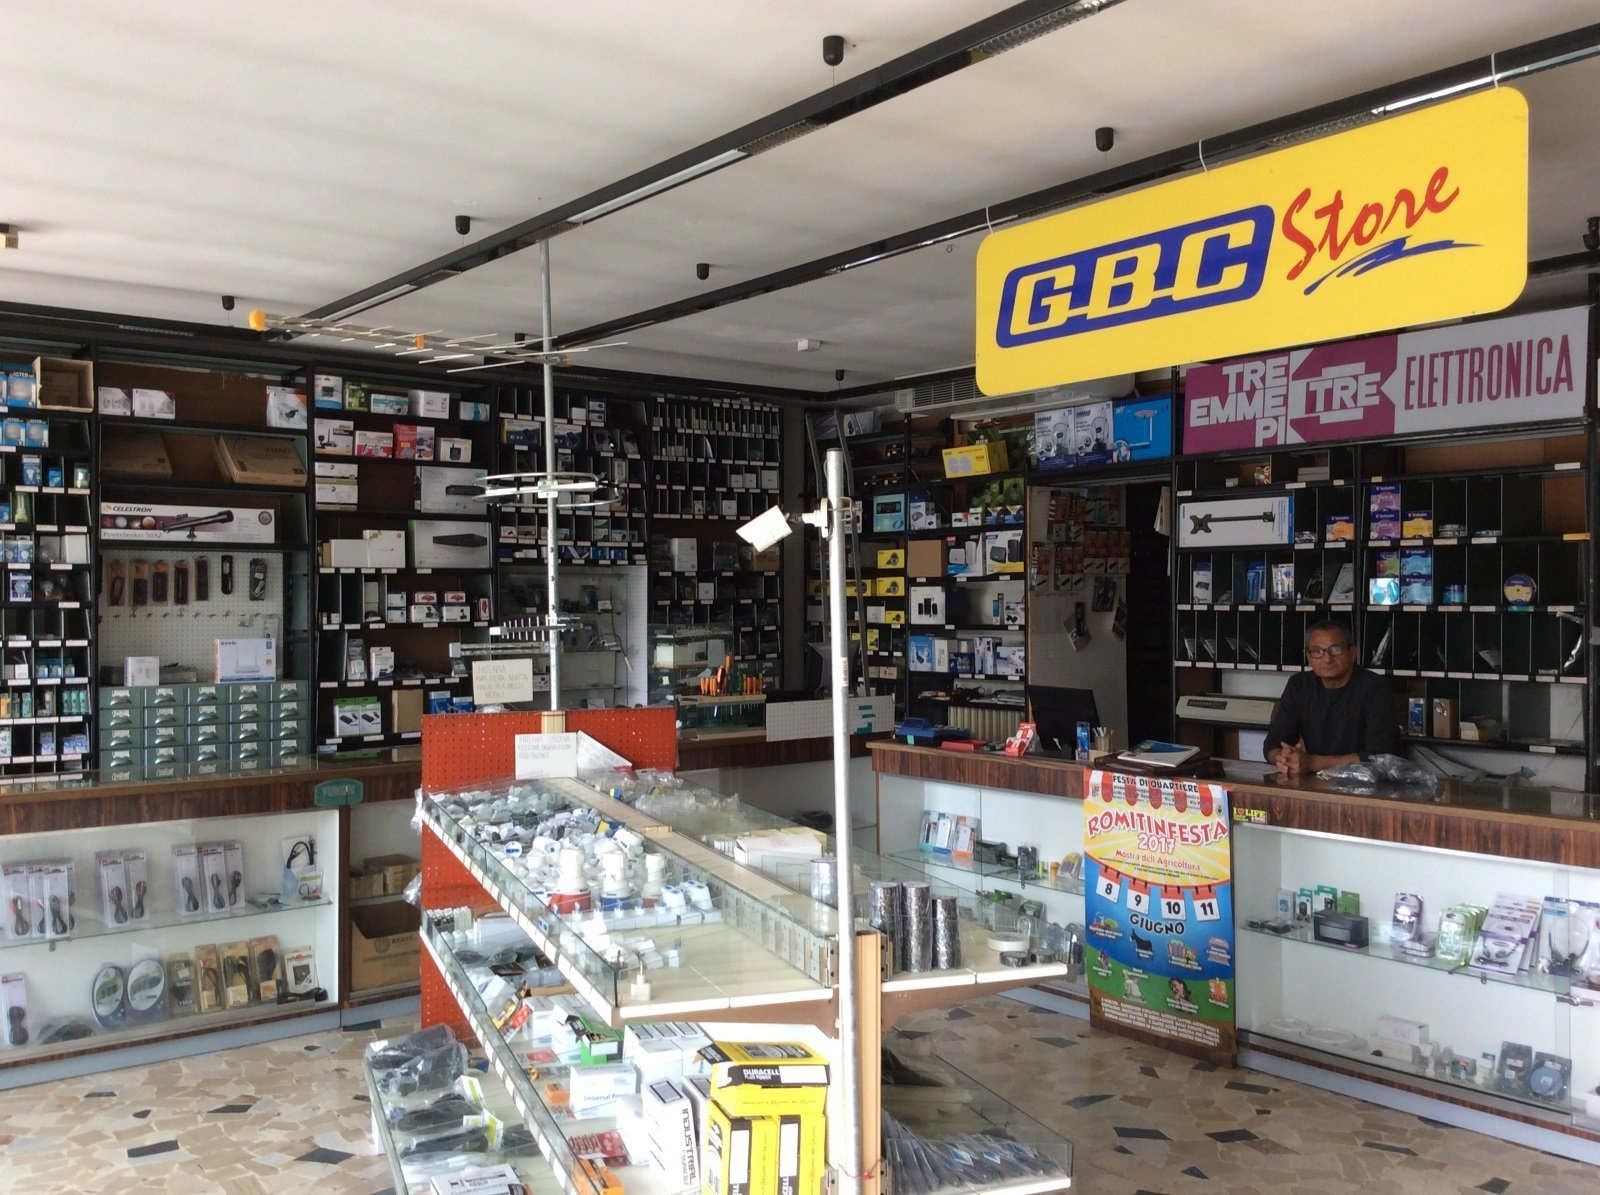 interno di un negozio di elettronica con un cartello con scritto GBC Store